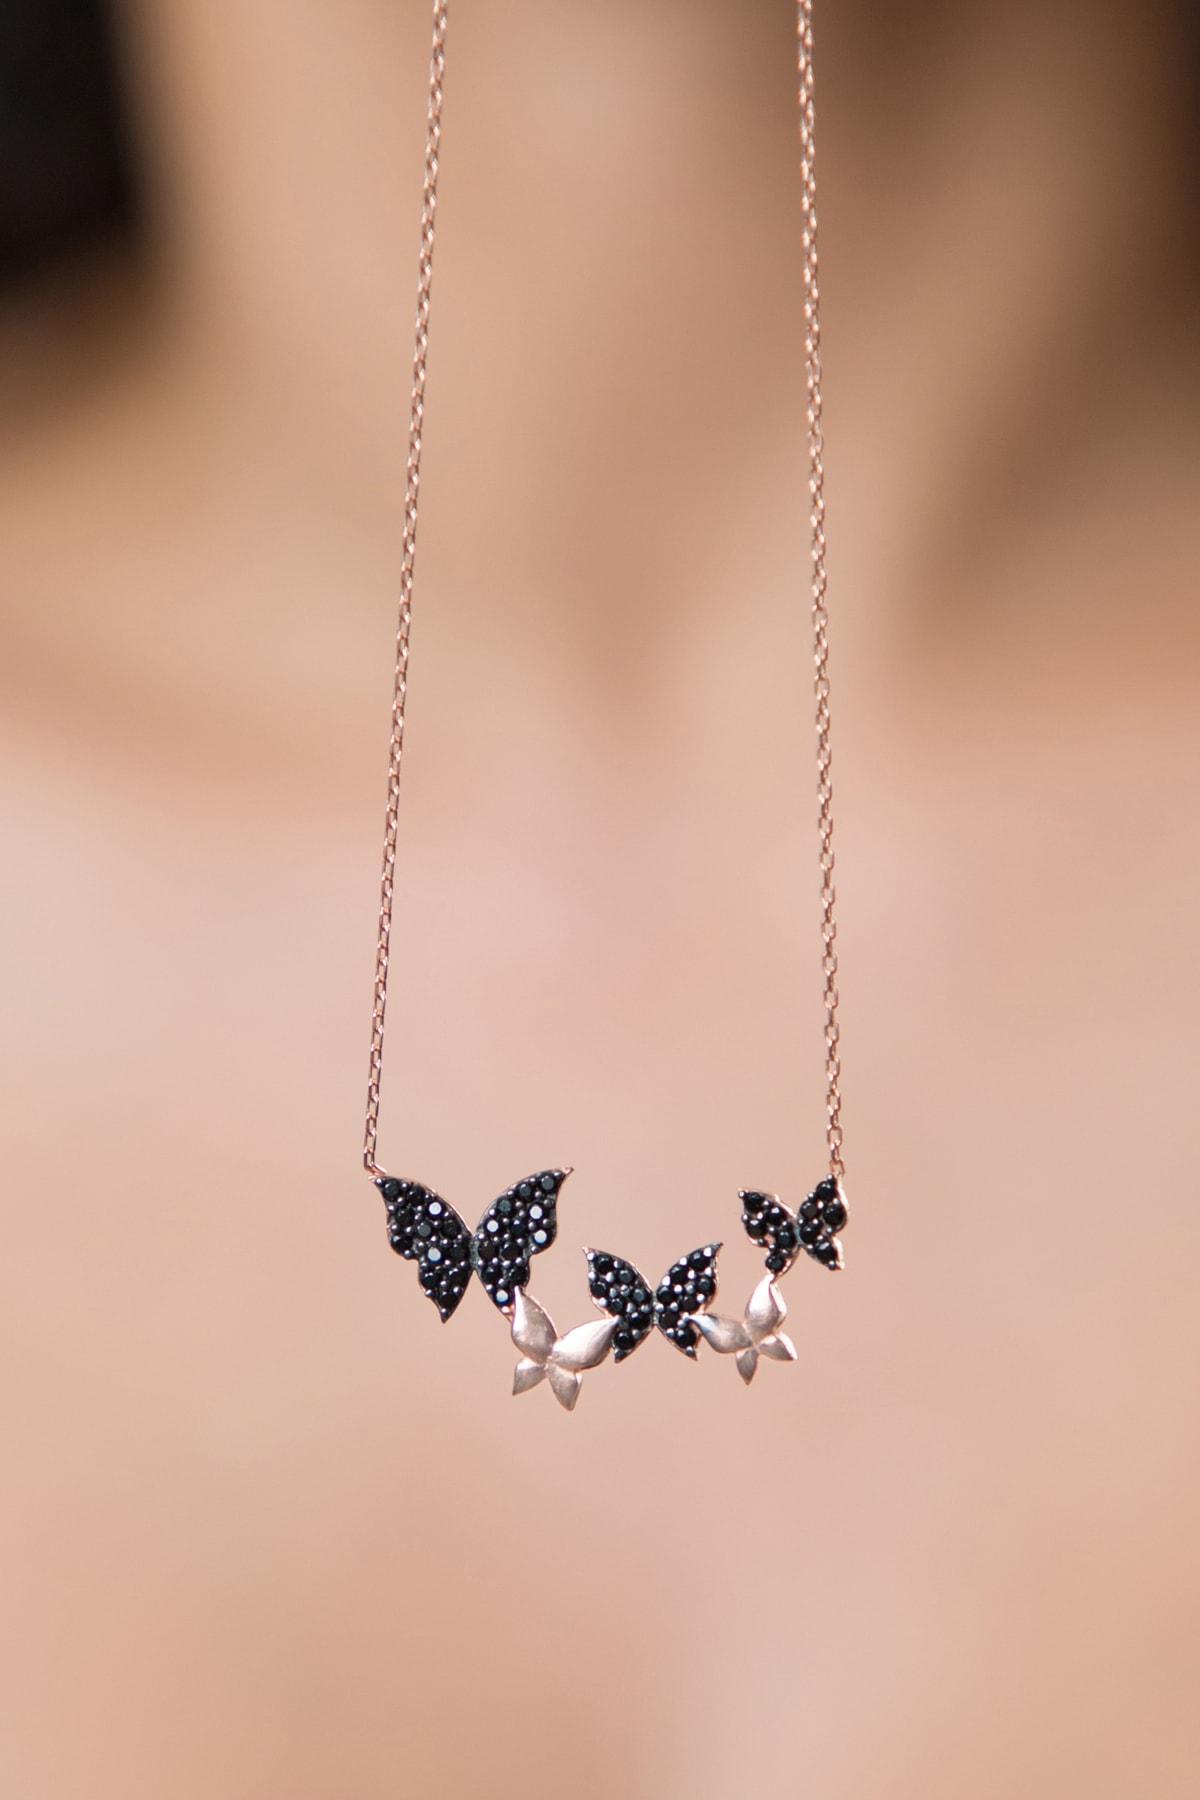 Elika Silver Kadın Kelebek ModelRose Kaplama 925 Ayar Gümüş Kolye 1